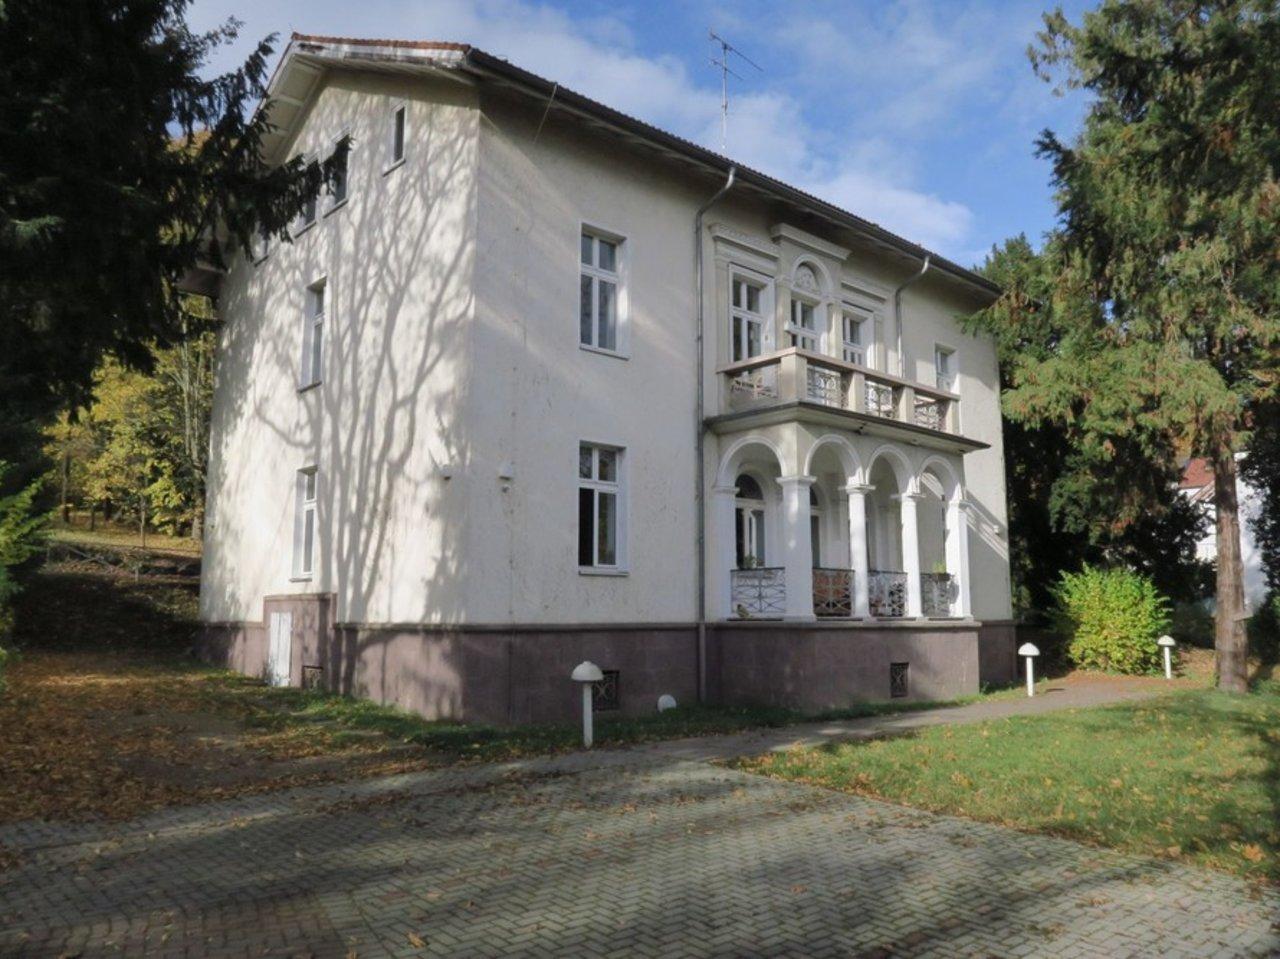 Familienfreundliche Wohnung am südlichen Stadtrand mit parkähnlichem Grundstück-Hausansicht